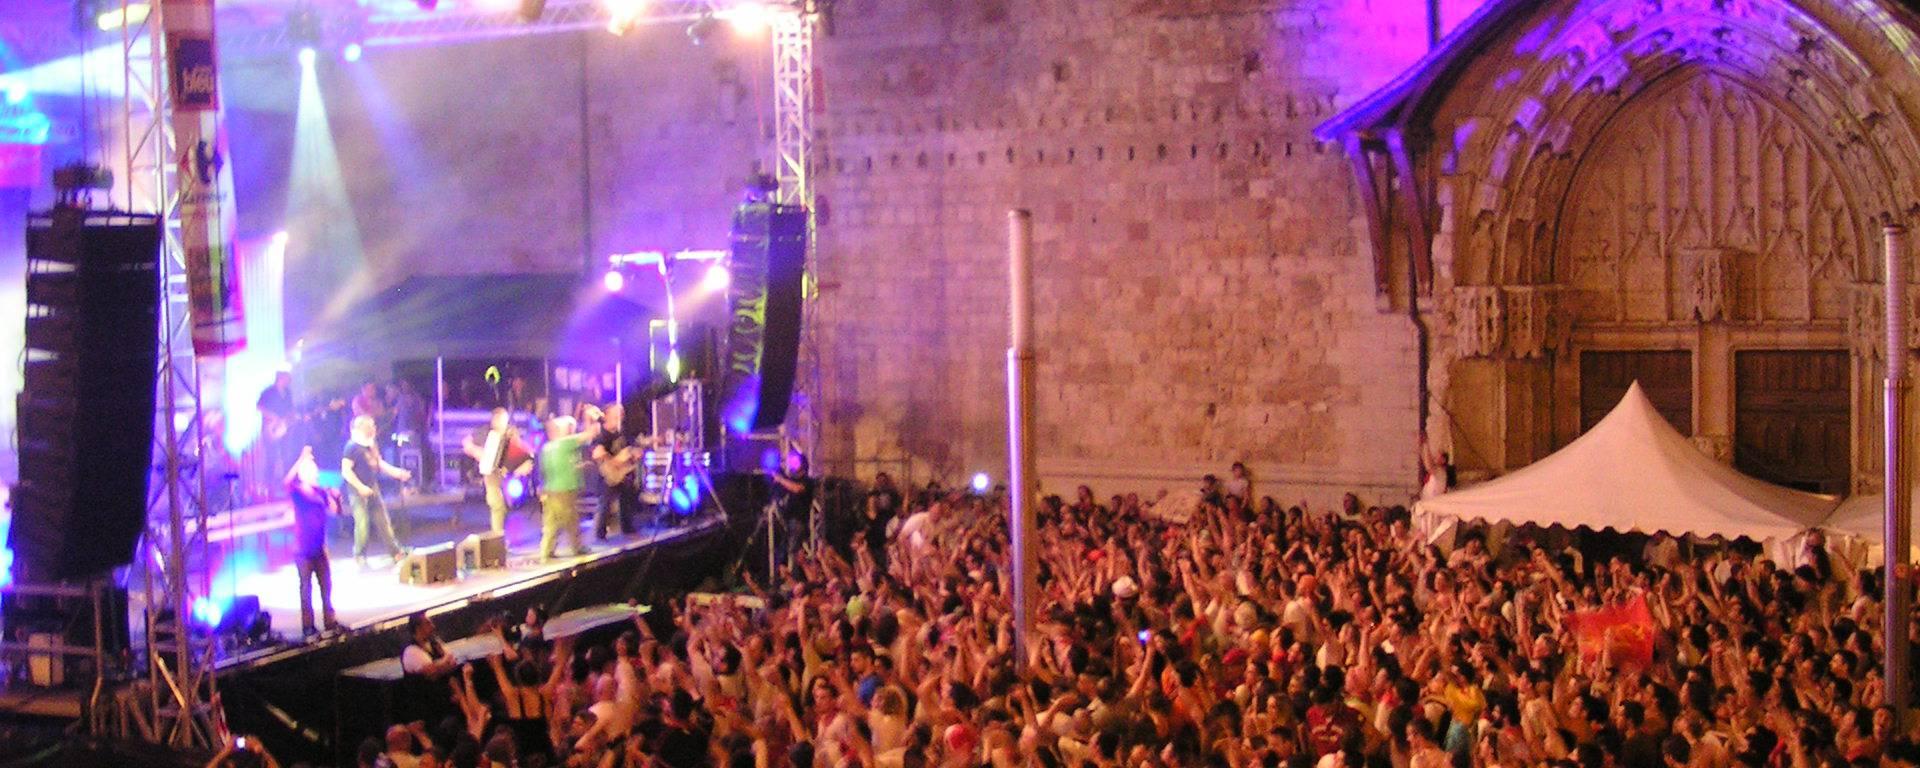 Festival Européen de Bandas à Condom